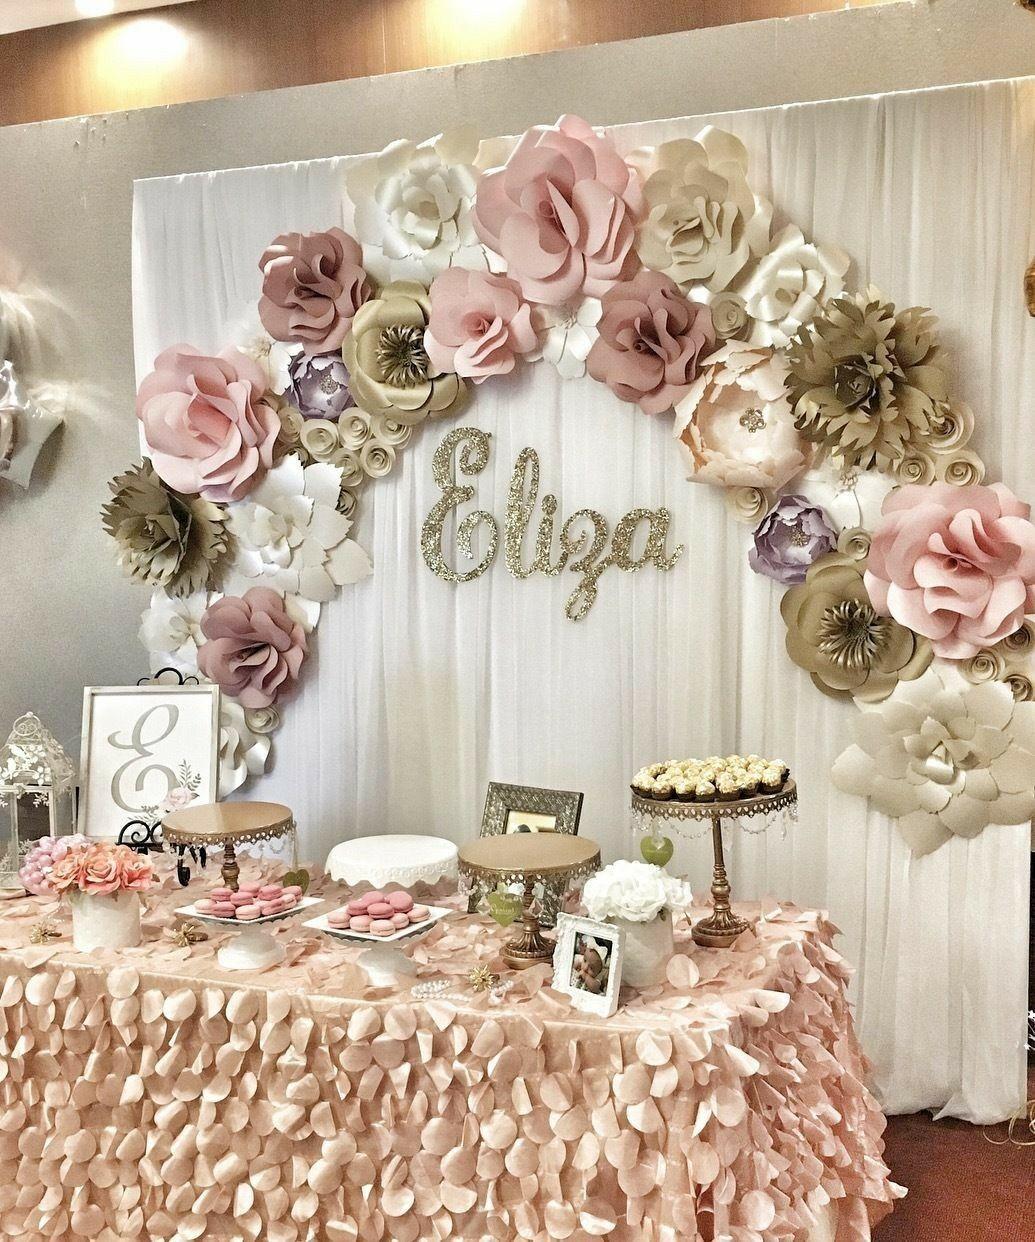 Unique Bridal Bouquet Ideas Pictures - perfect wedding day Bridal shower centerpieces pictures